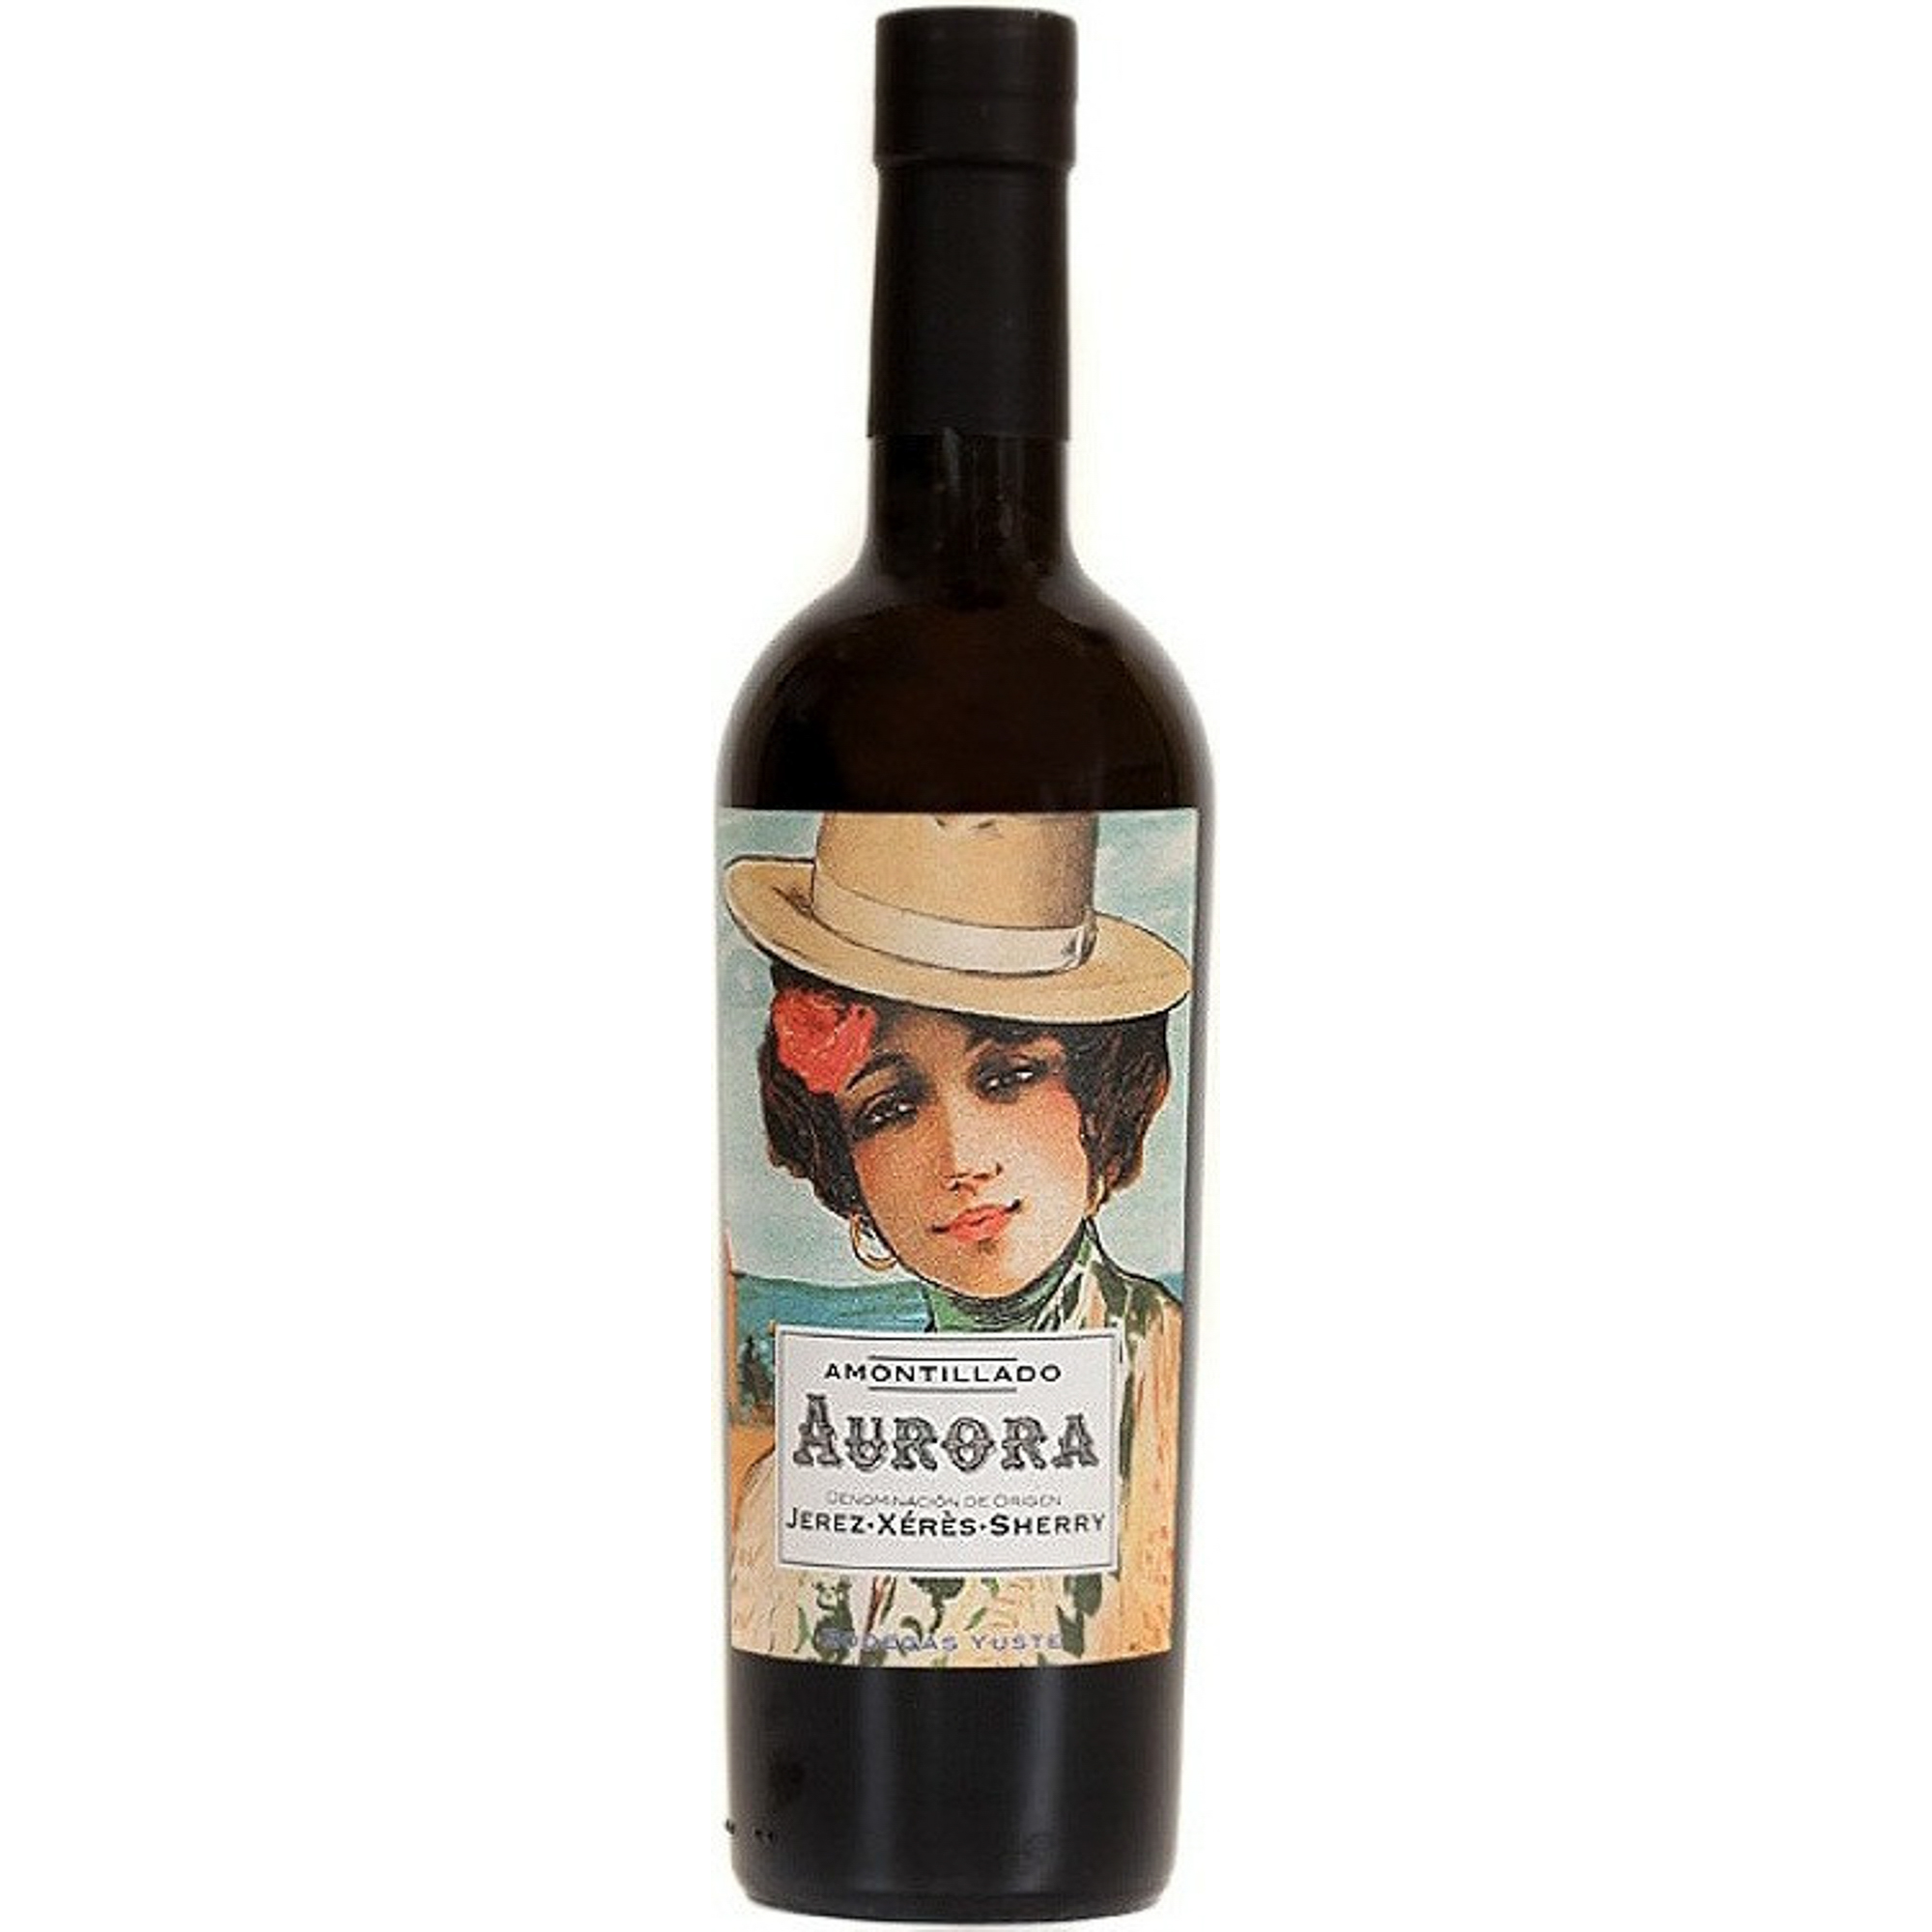 Купить Херес сухой Bodegas Yuste Aurora Amontillado Jerez DO 0, 5 л, Вино, Испания, Янтарный